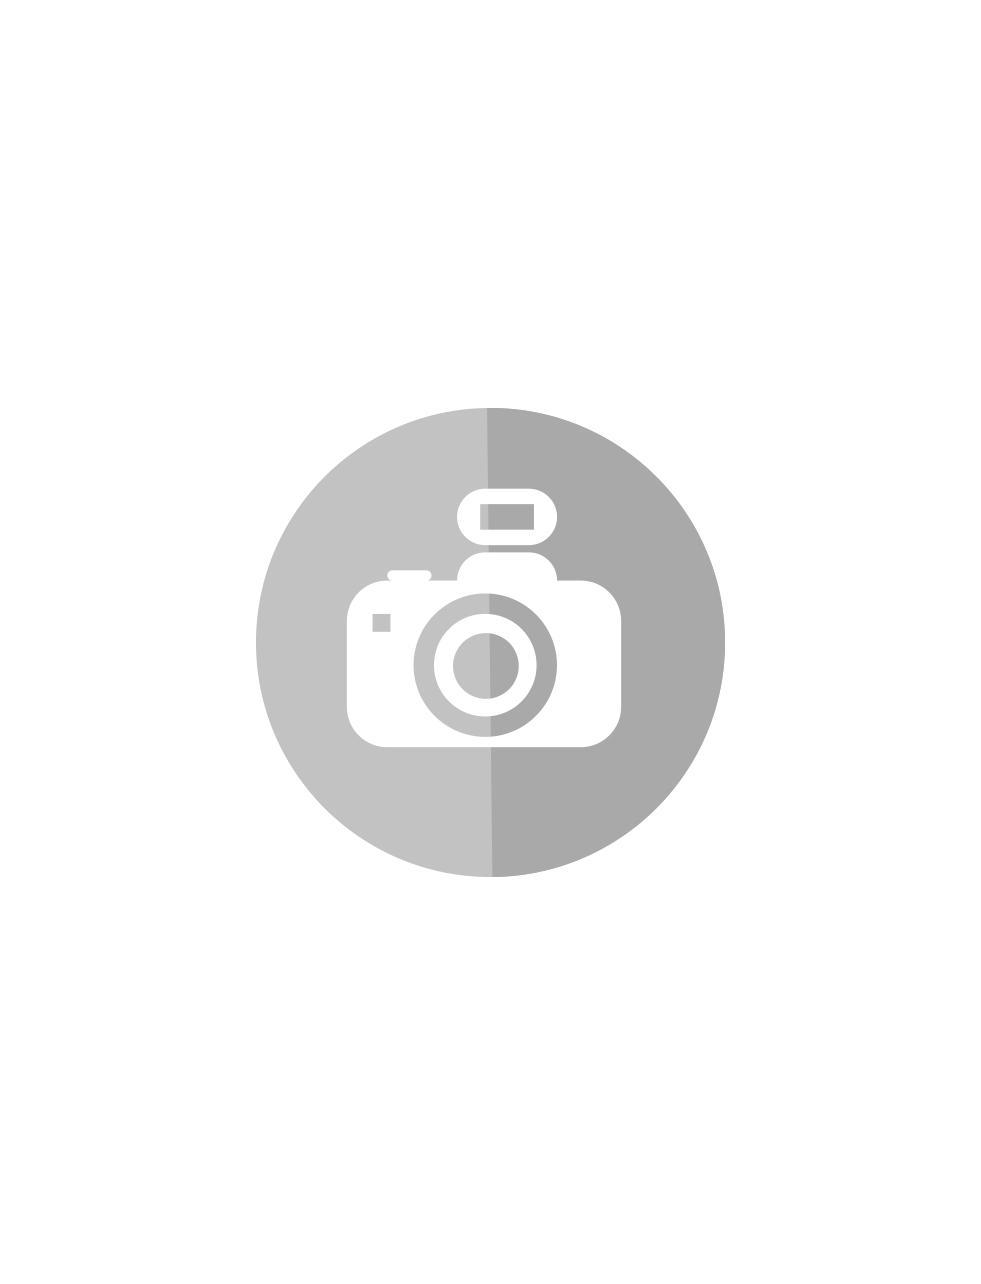 30511260_sparepart/Türangel